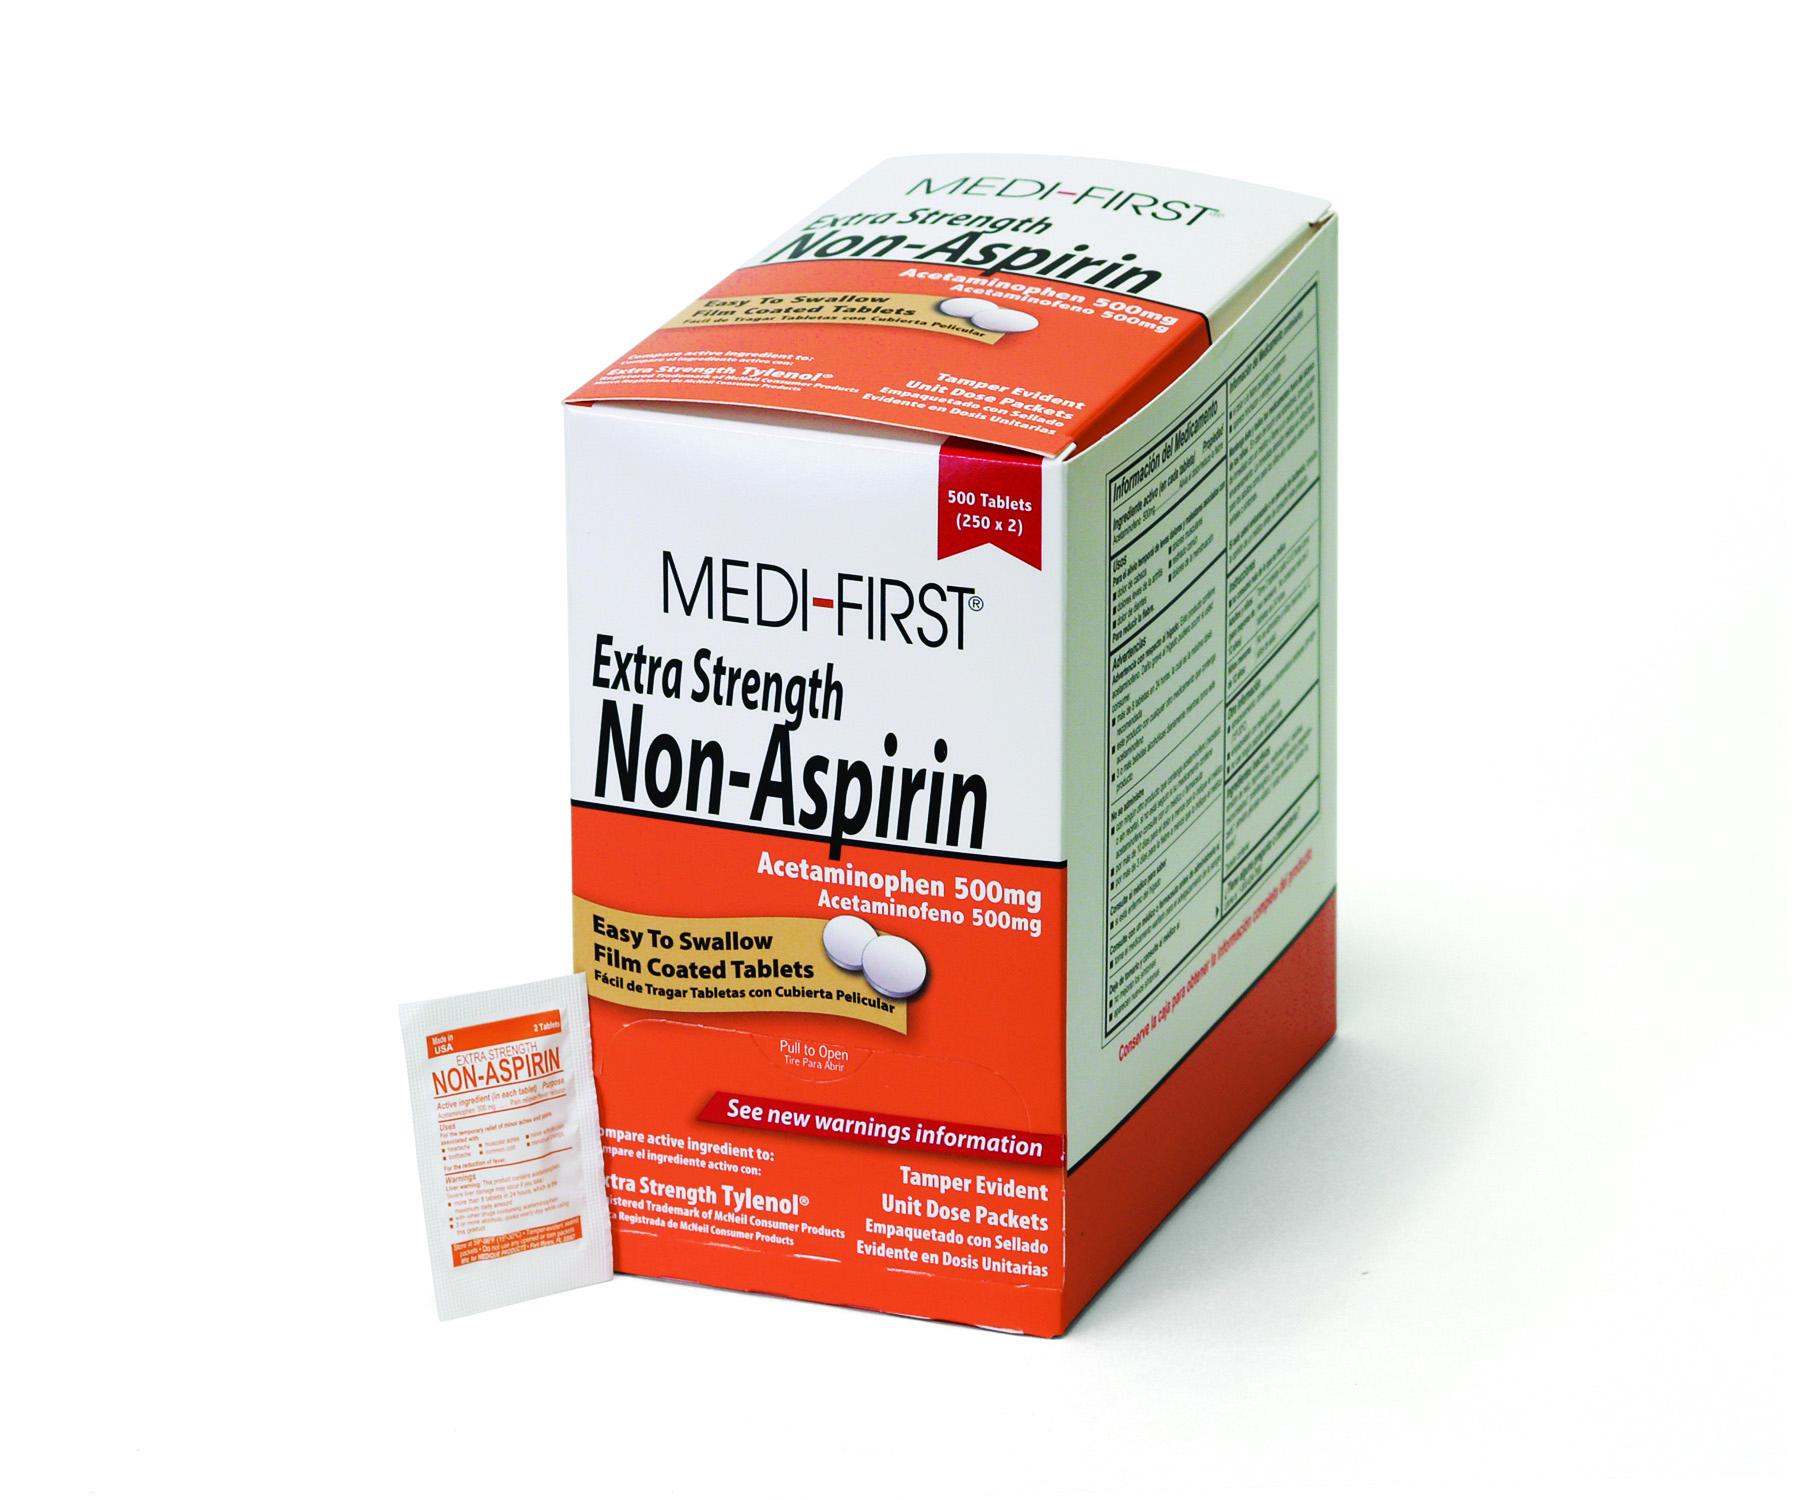 Non-Aspirin Extra Strength